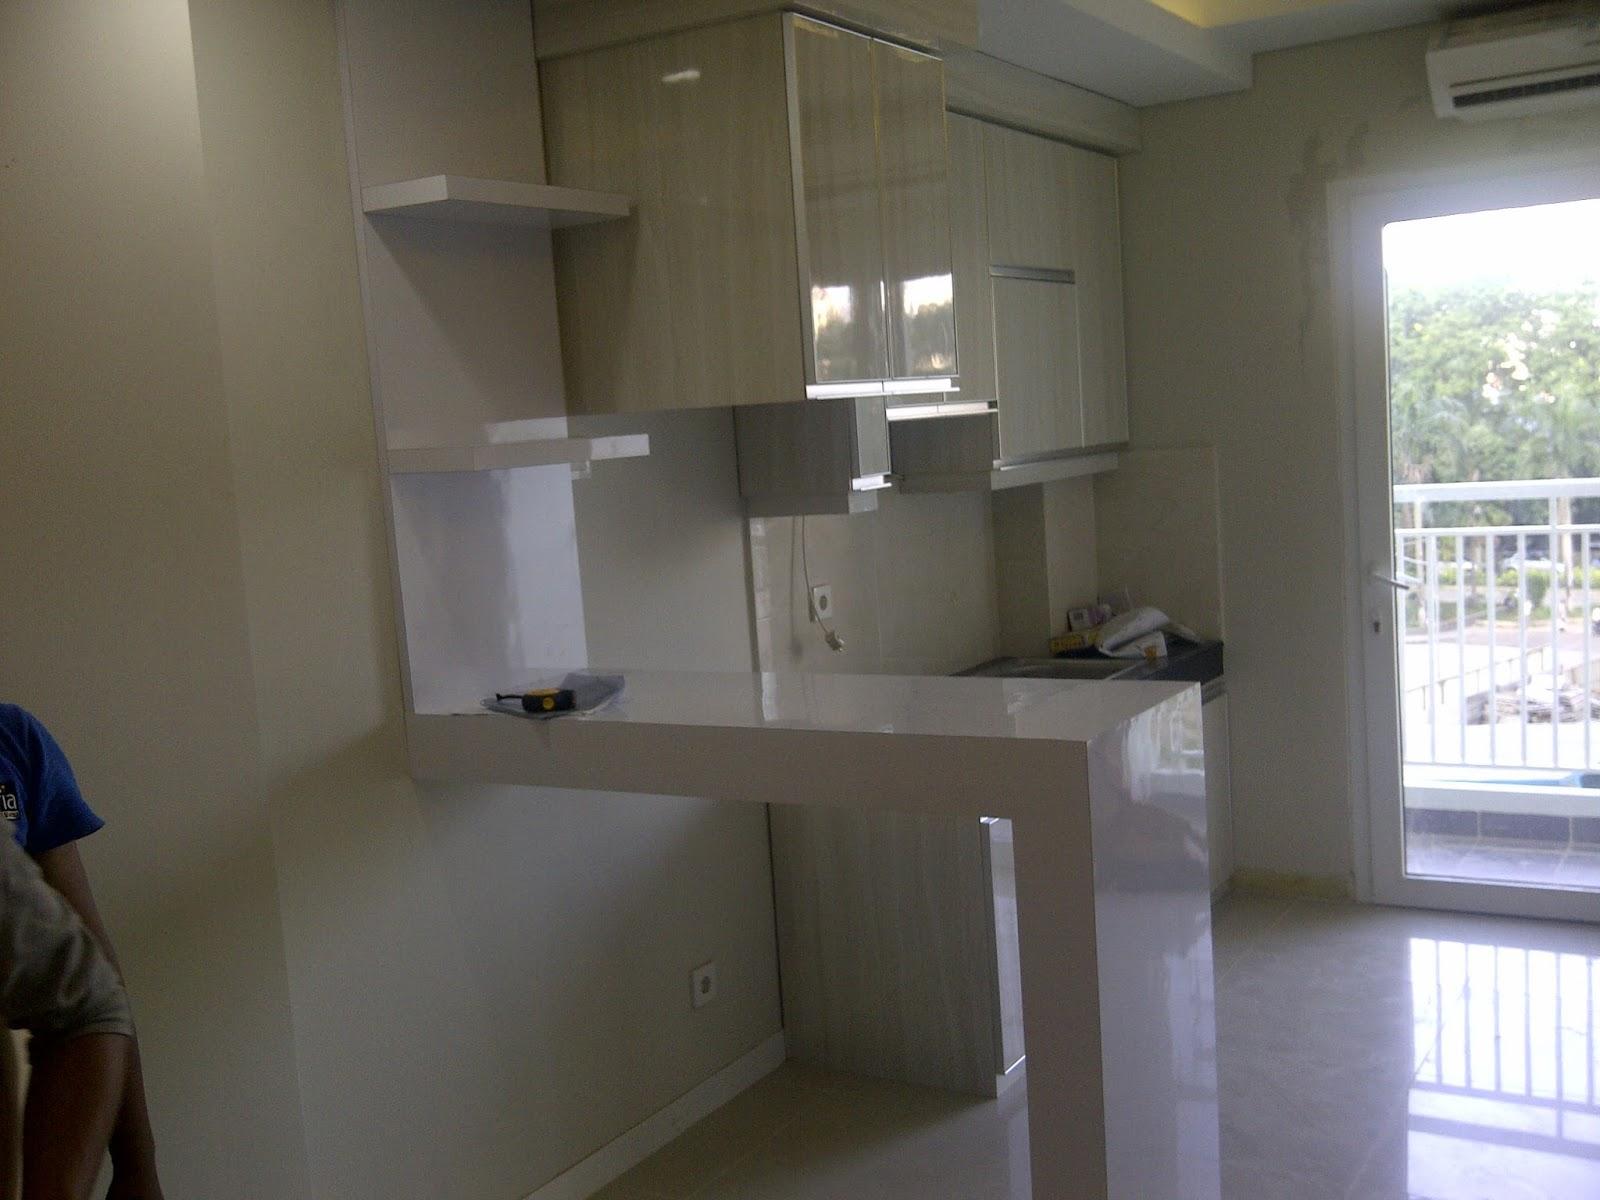 Jasa kitchen set perhitungan biaya kitchen set for Biaya kitchen set per meter